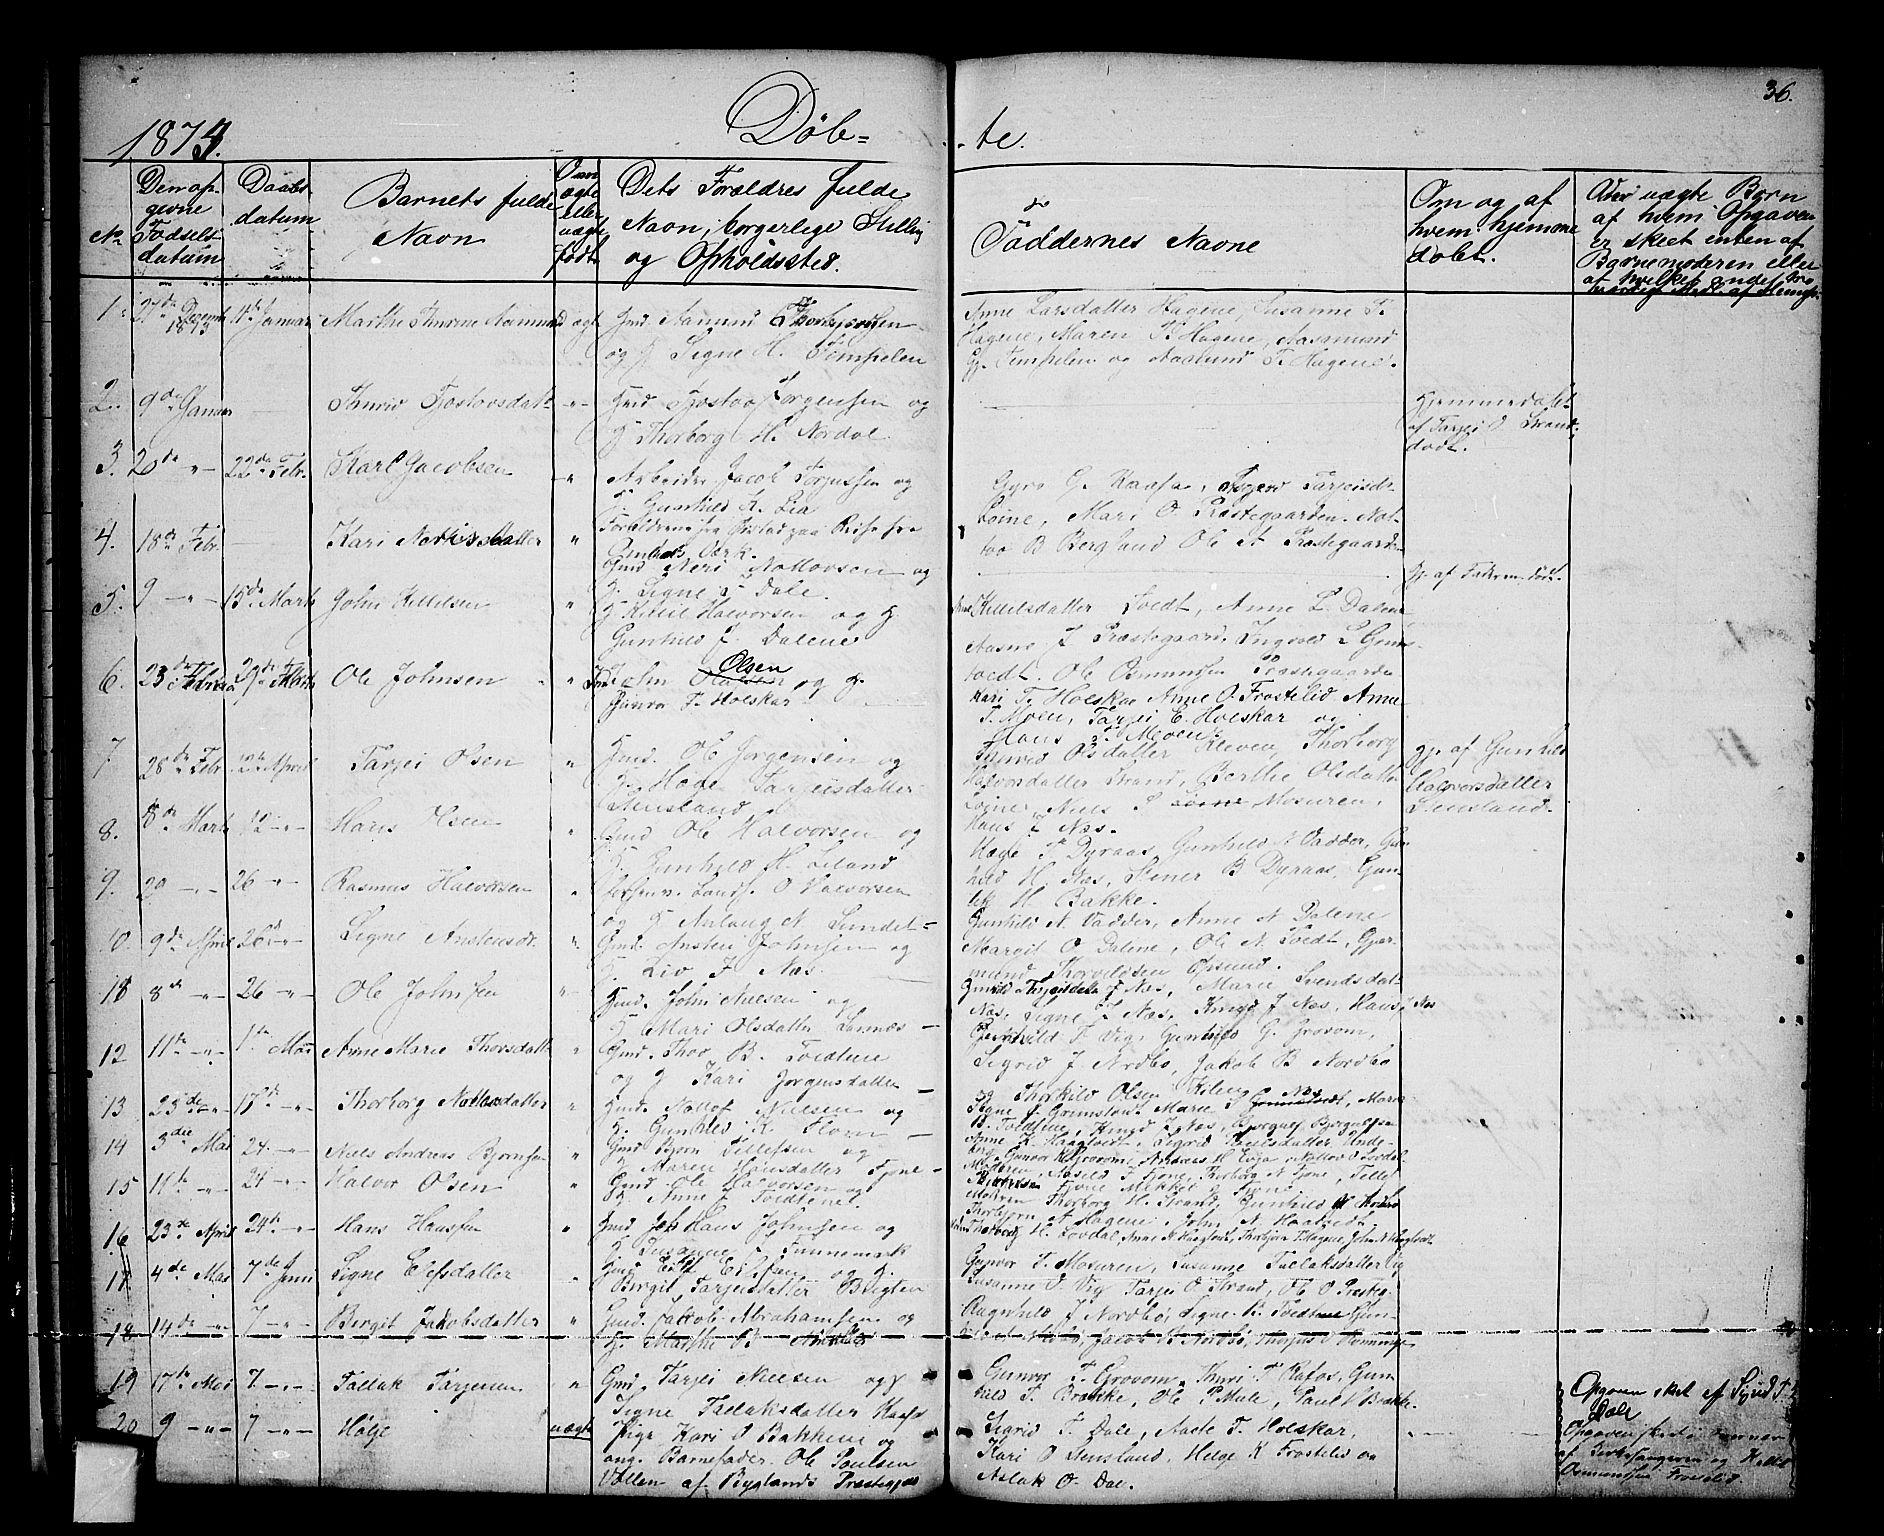 SAKO, Nissedal kirkebøker, G/Ga/L0002: Klokkerbok nr. I 2, 1861-1887, s. 36